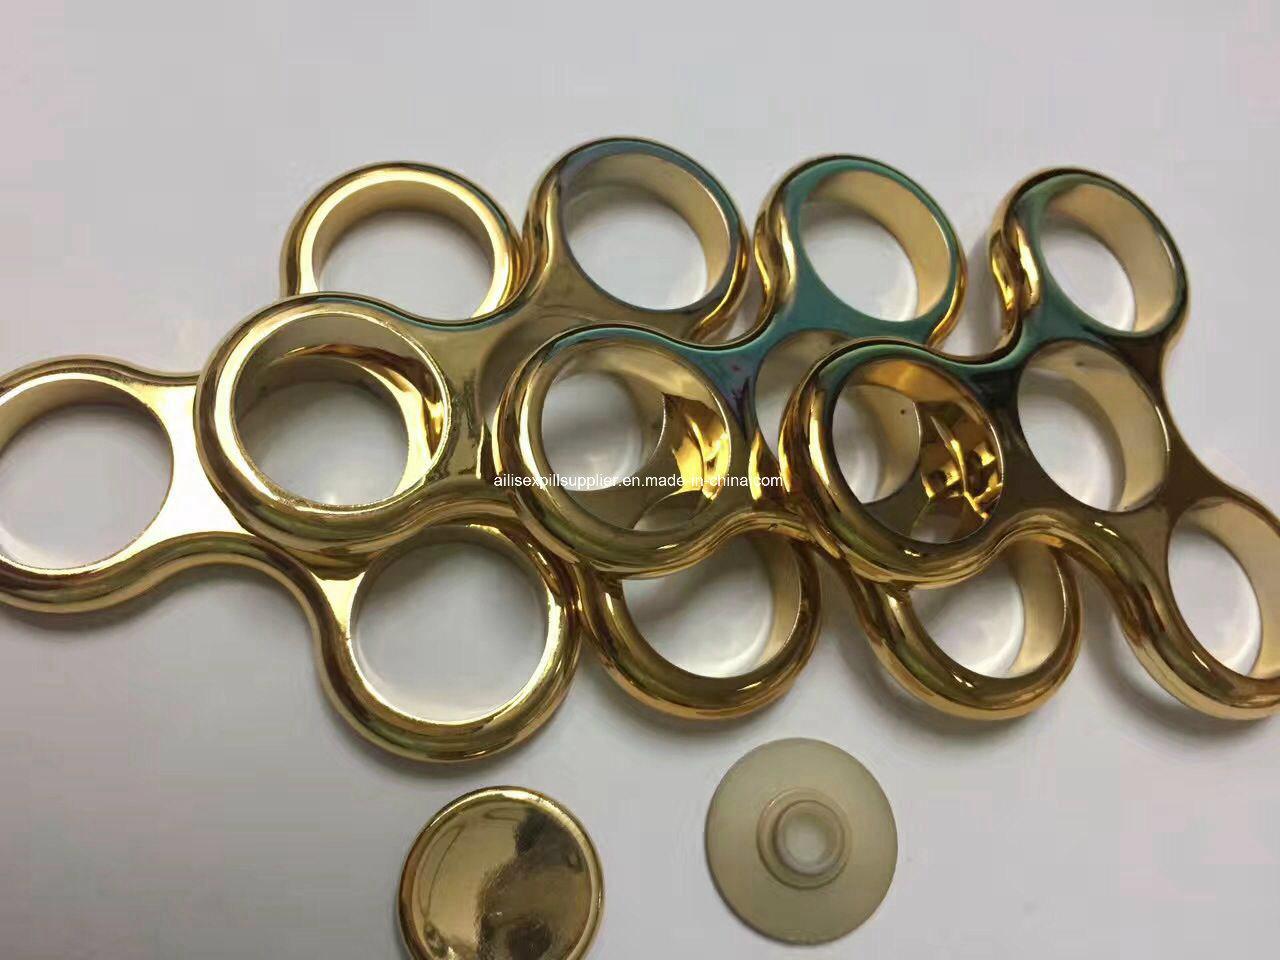 2017 Hot Fidget Spinners Fast Bearings Finger Fidget Spinner Fidget Hand Spinner Toys